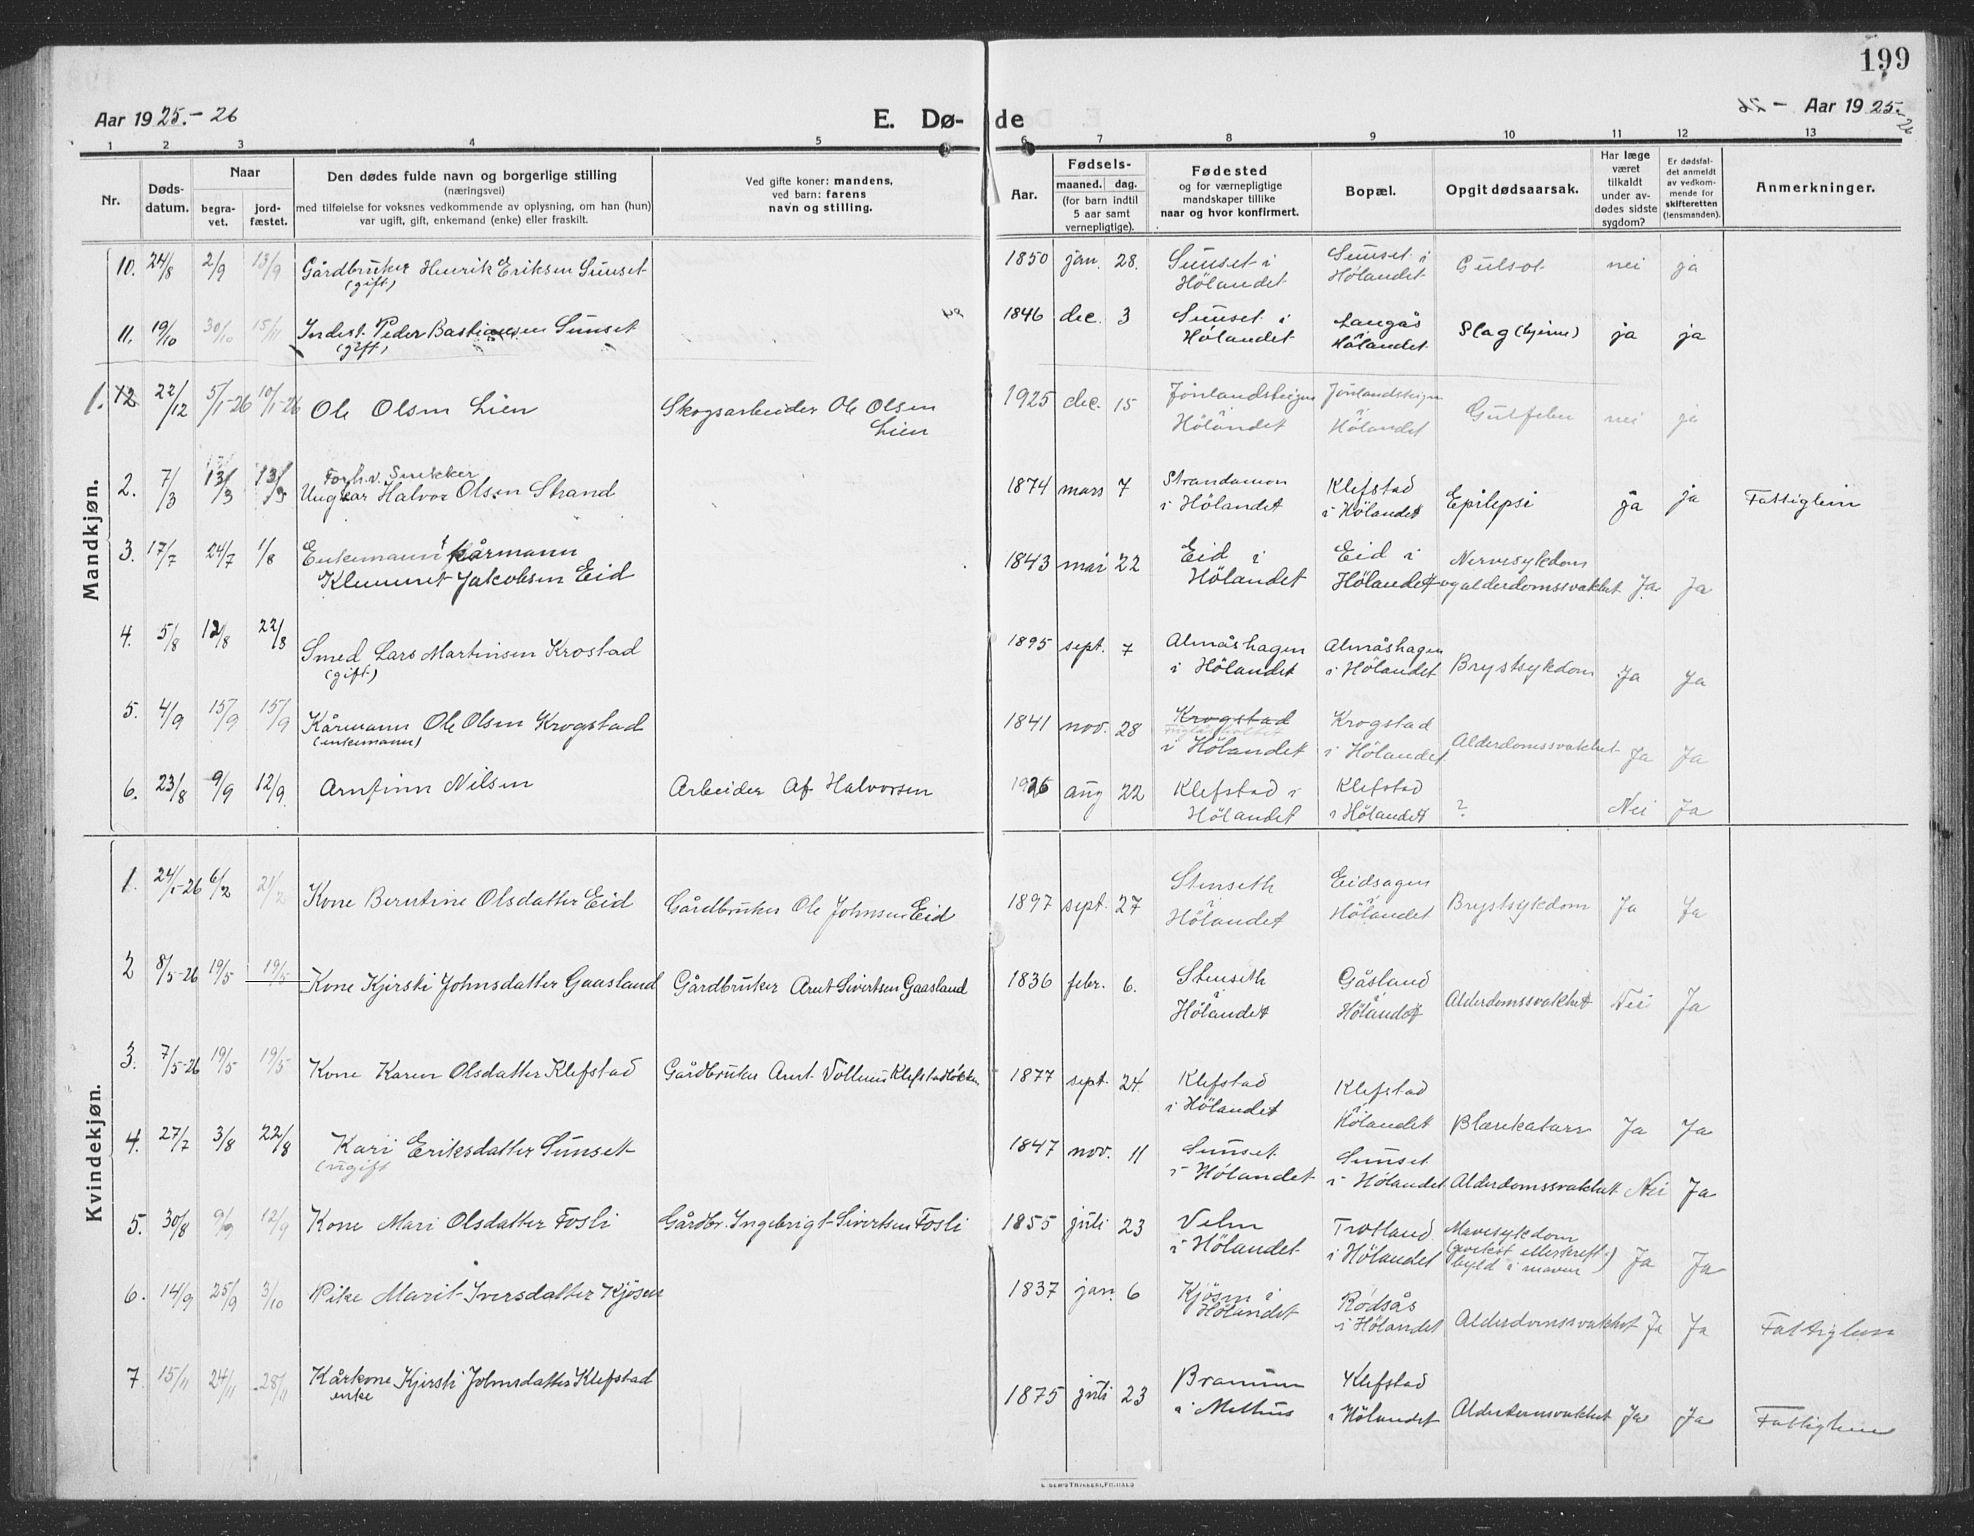 SAT, Ministerialprotokoller, klokkerbøker og fødselsregistre - Sør-Trøndelag, 694/L1134: Klokkerbok nr. 694C06, 1915-1937, s. 199